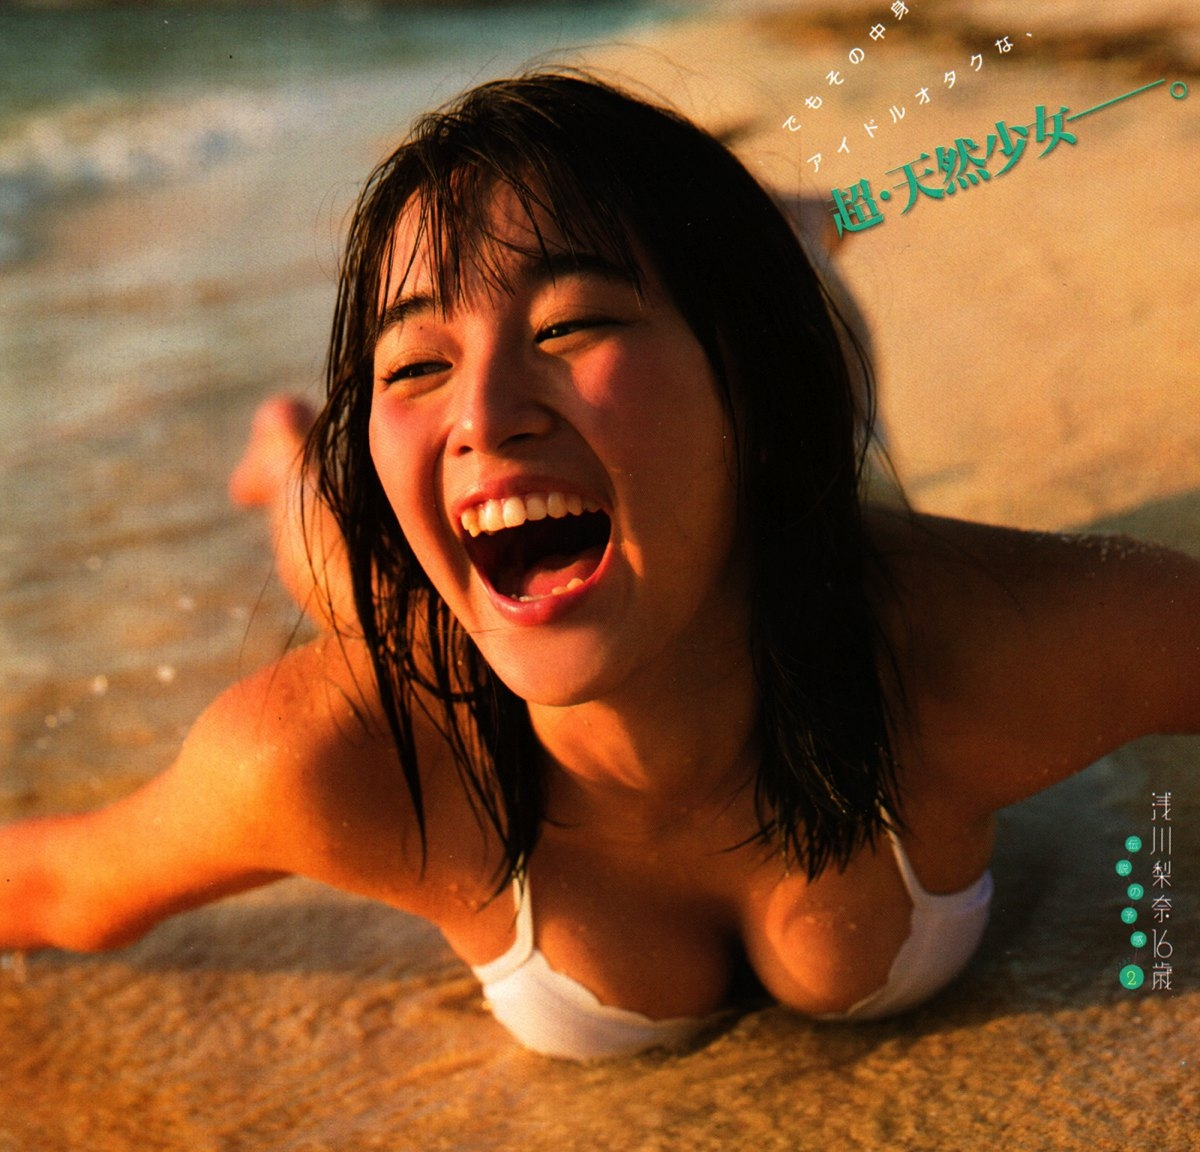 浅川梨奈 ヤングガンガンの最新Eカップ谷間水着グラビア 画像34枚 19